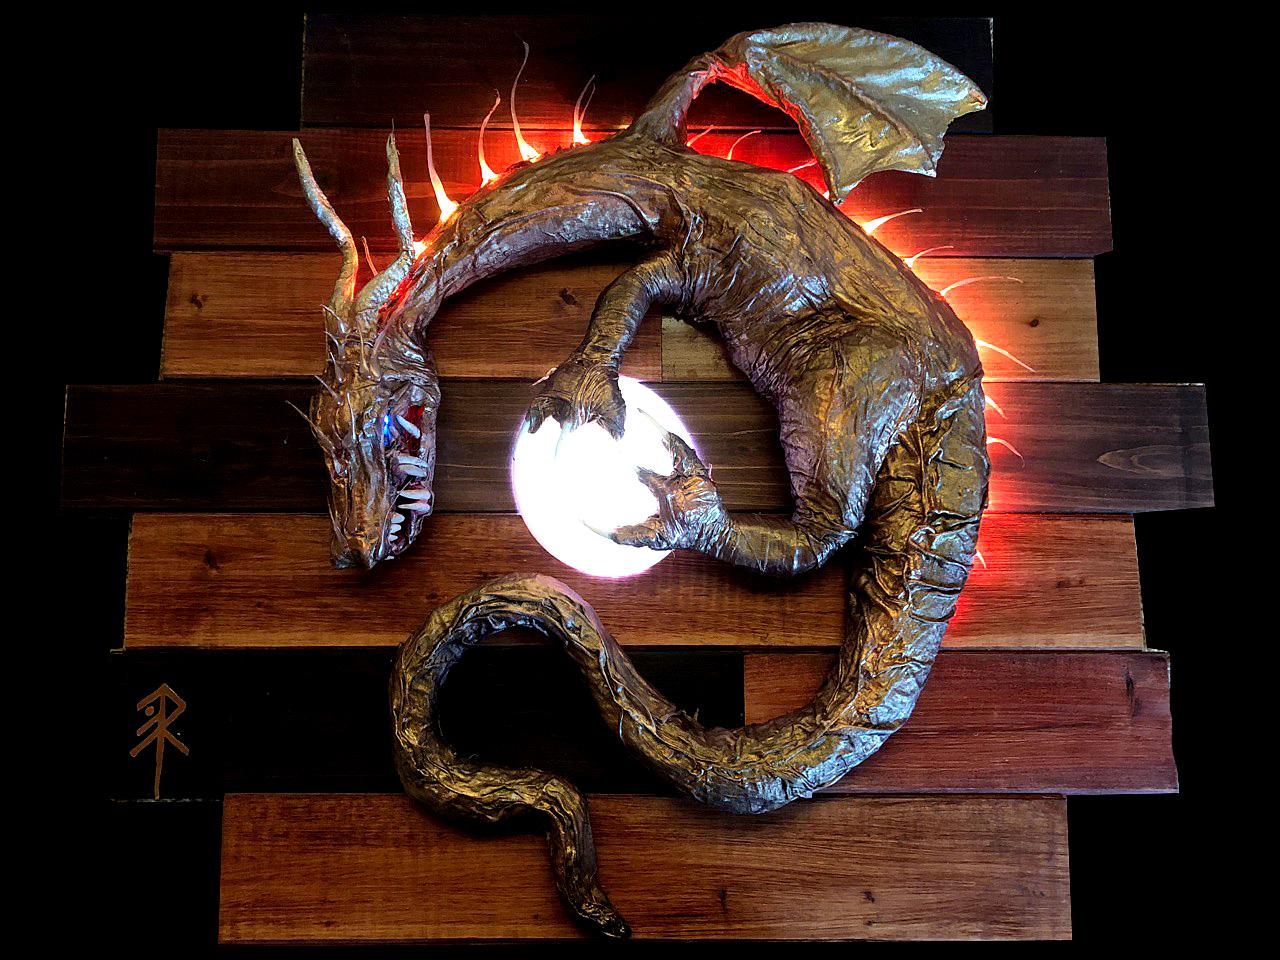 led_strips_dragon_finished.jpg